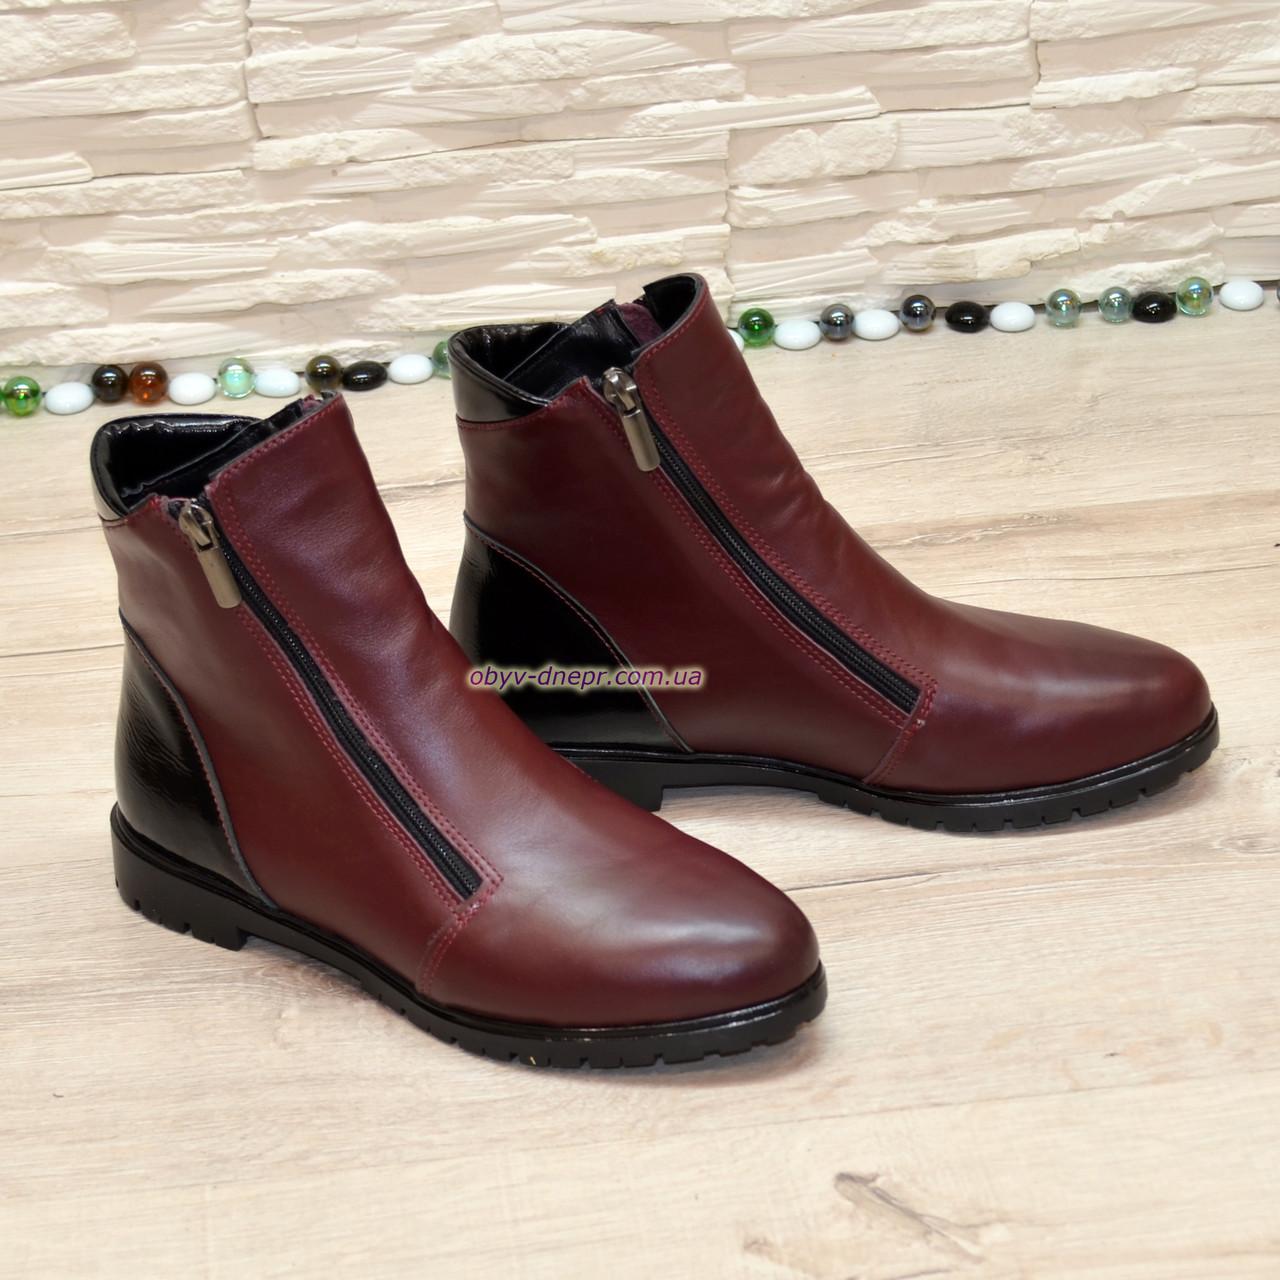 Ботинки комбинированные демисезонные на низком ходу, цвет бордо/черный